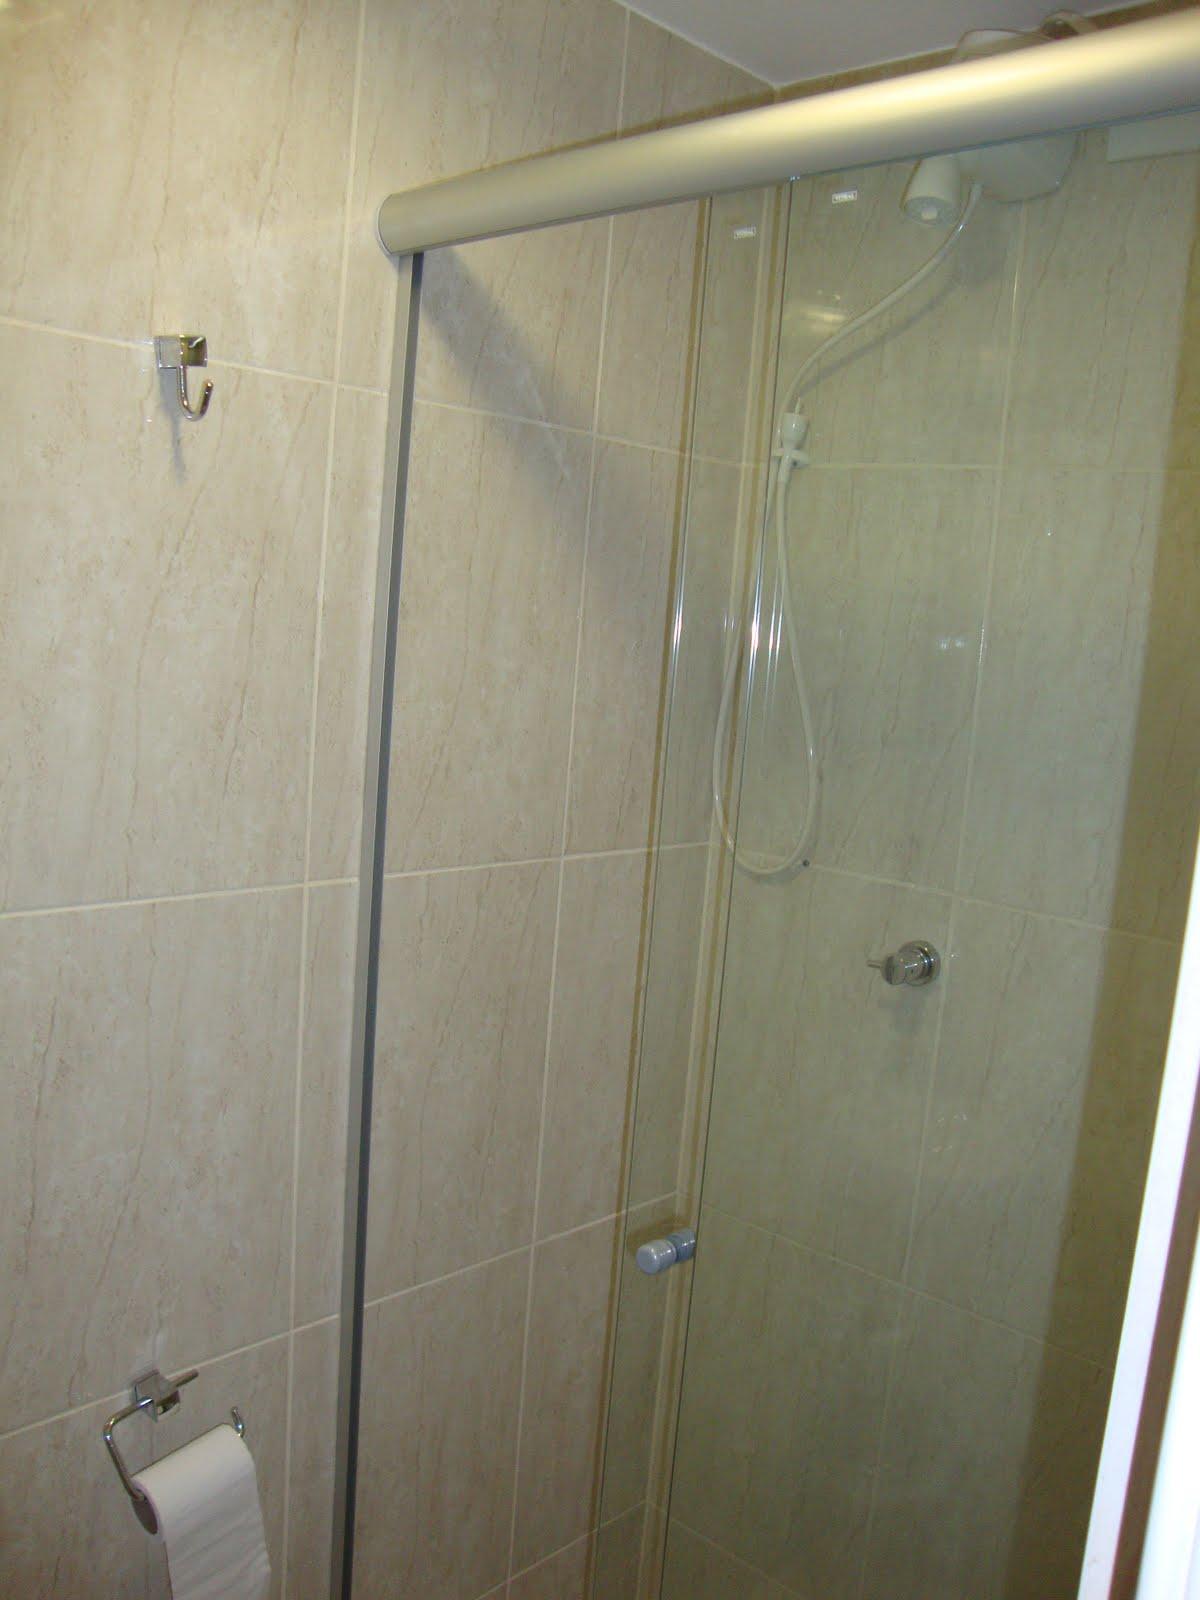 Fotos do Apartamento: Detalhes do apartamento #5B513B 1200x1600 Banheiro De Apartamento Com Exaustor